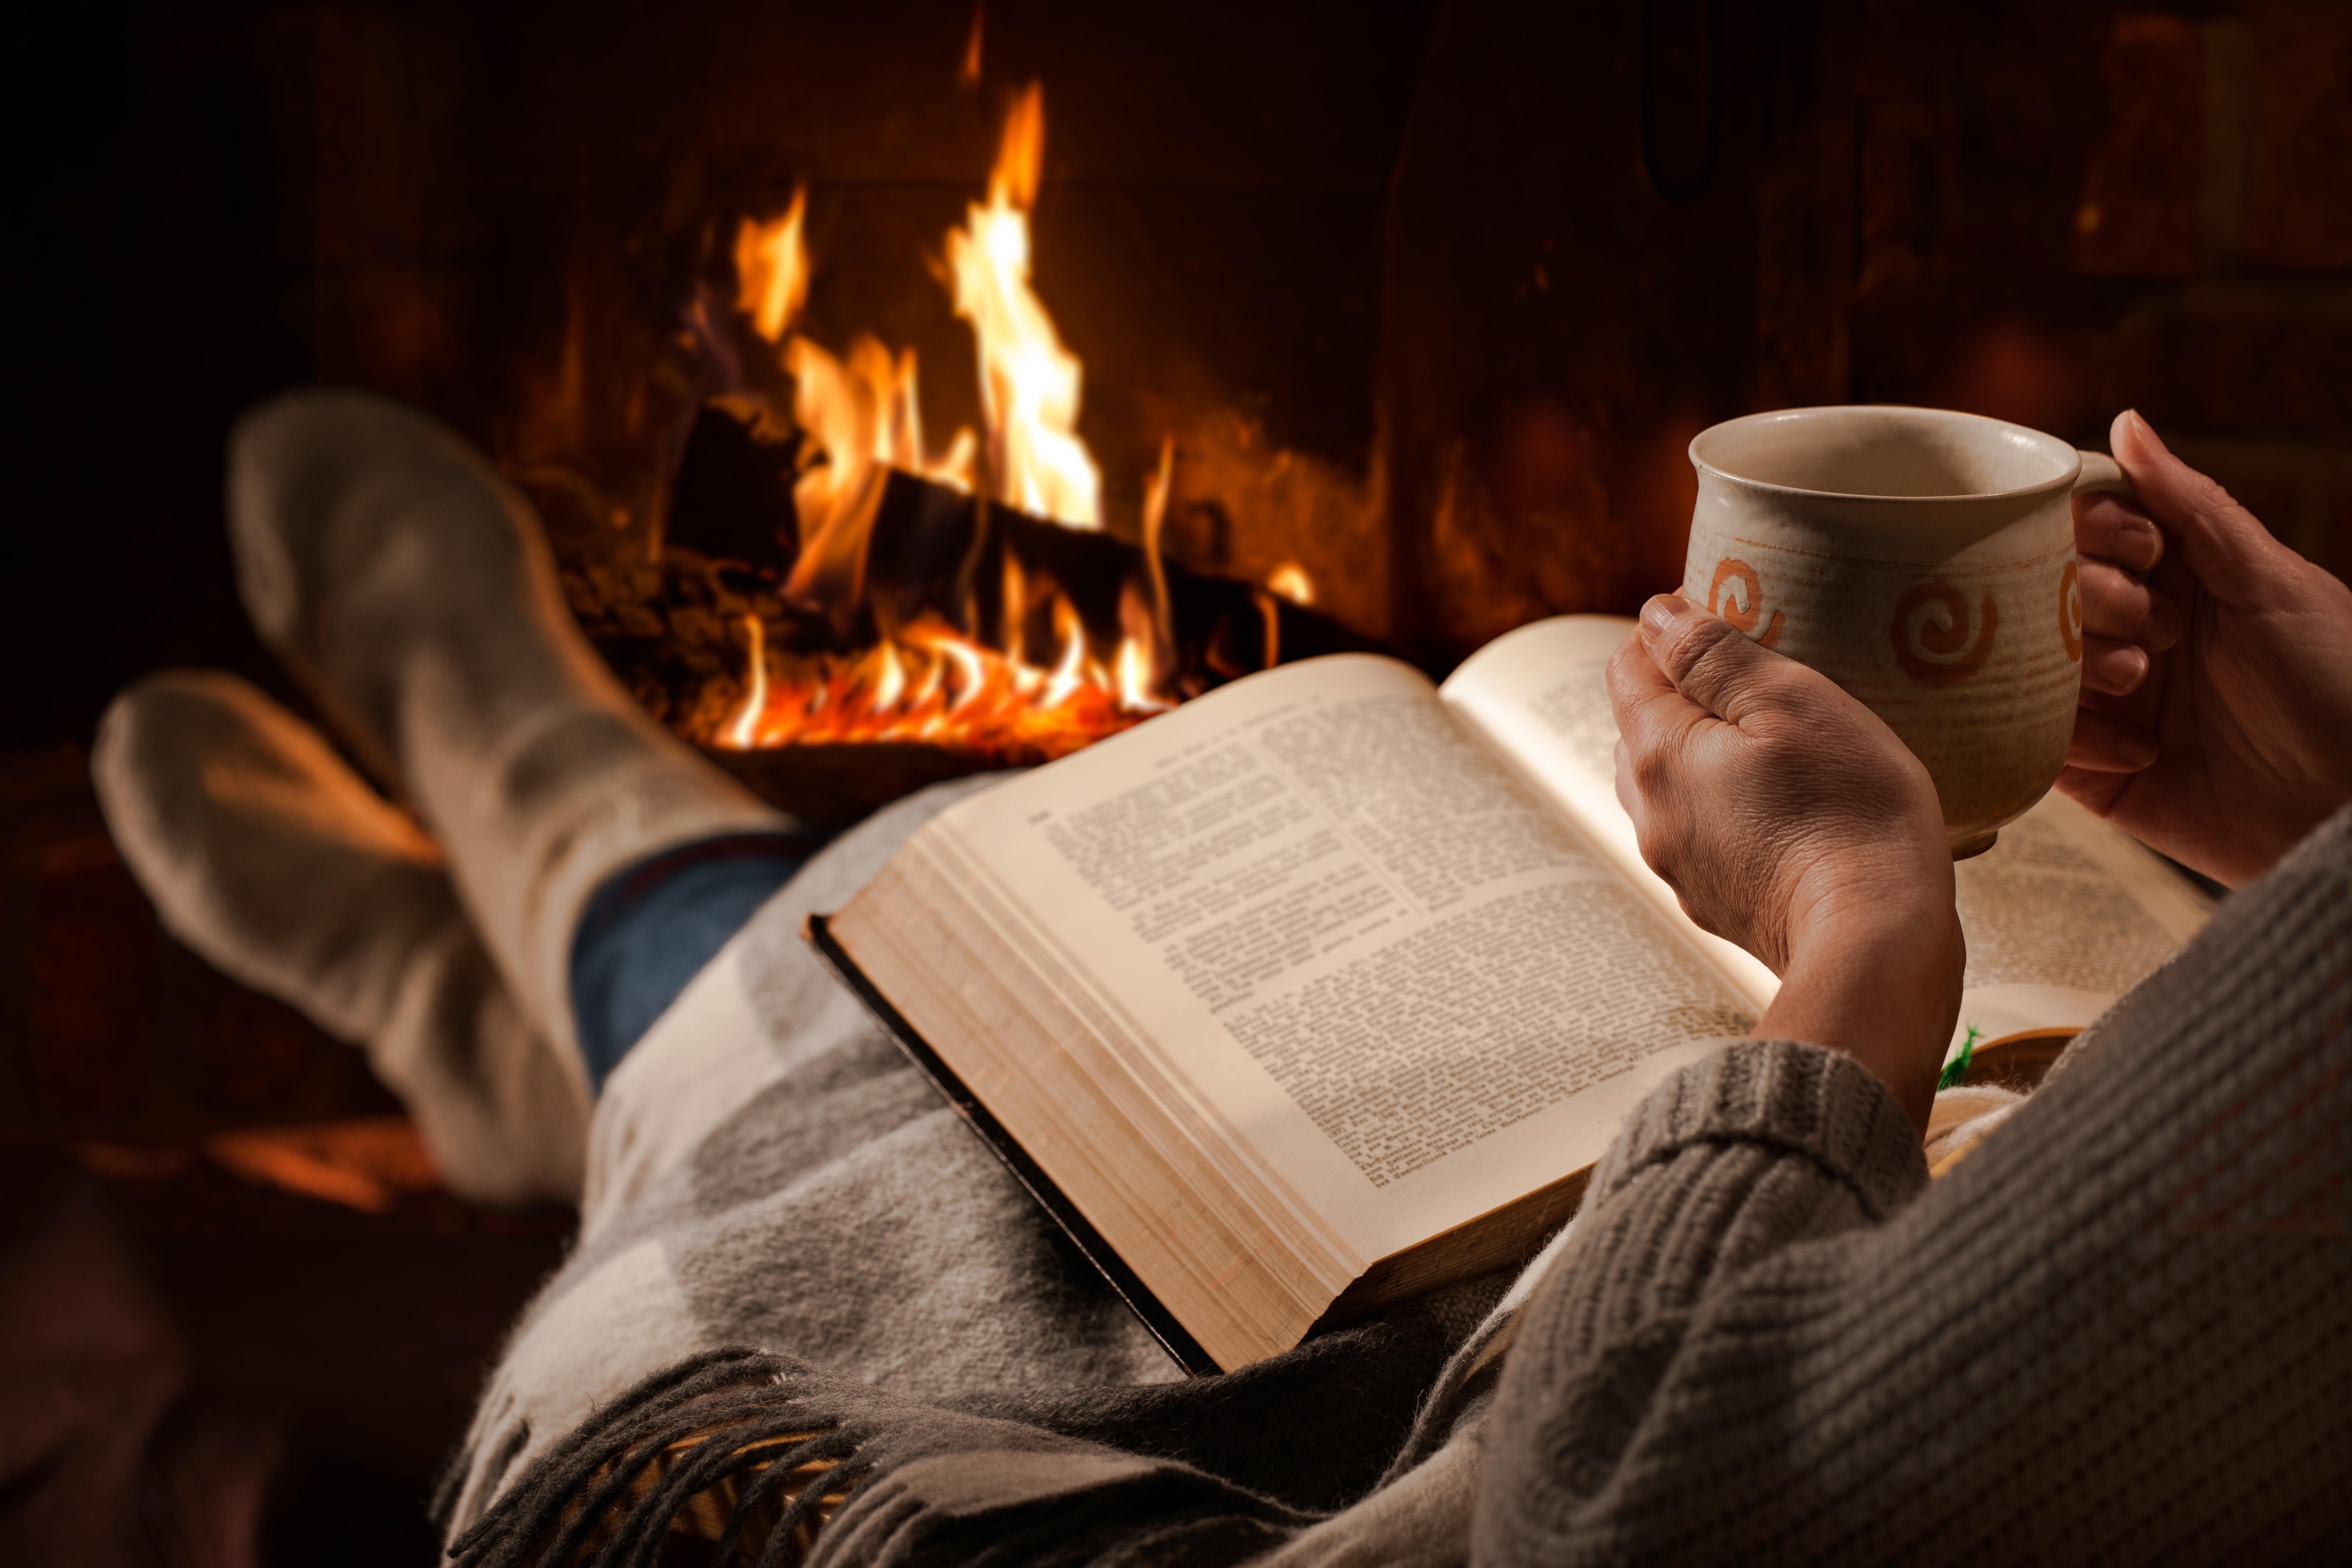 Personne qui a adopté le mode de vie hygge : devant son feu avec une boisson chaude et un bon livre